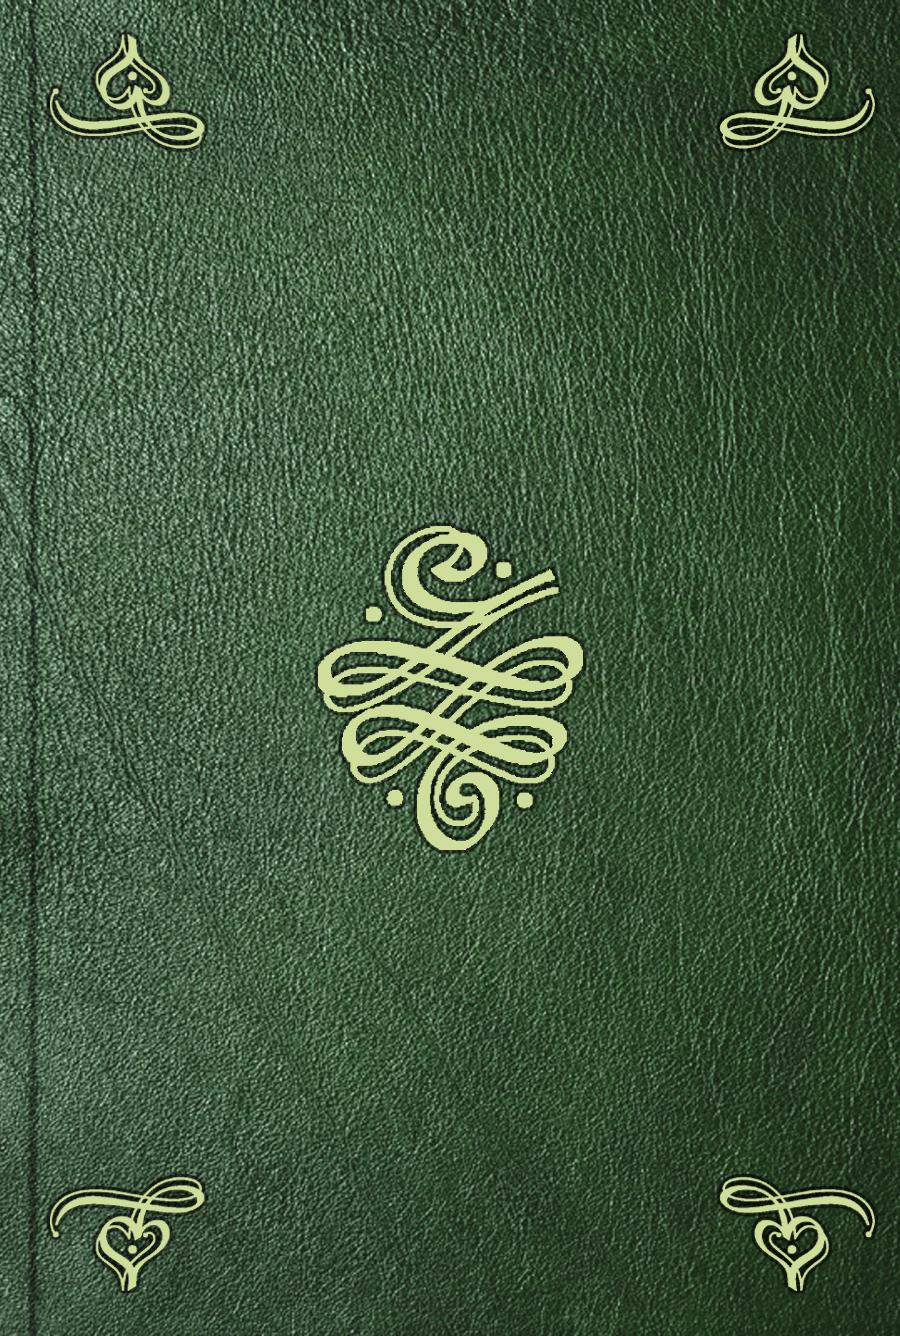 Dictionnaire raisonne d'hippiatrique, cavalerie, manege, et marechallerie. T. 3. I– P